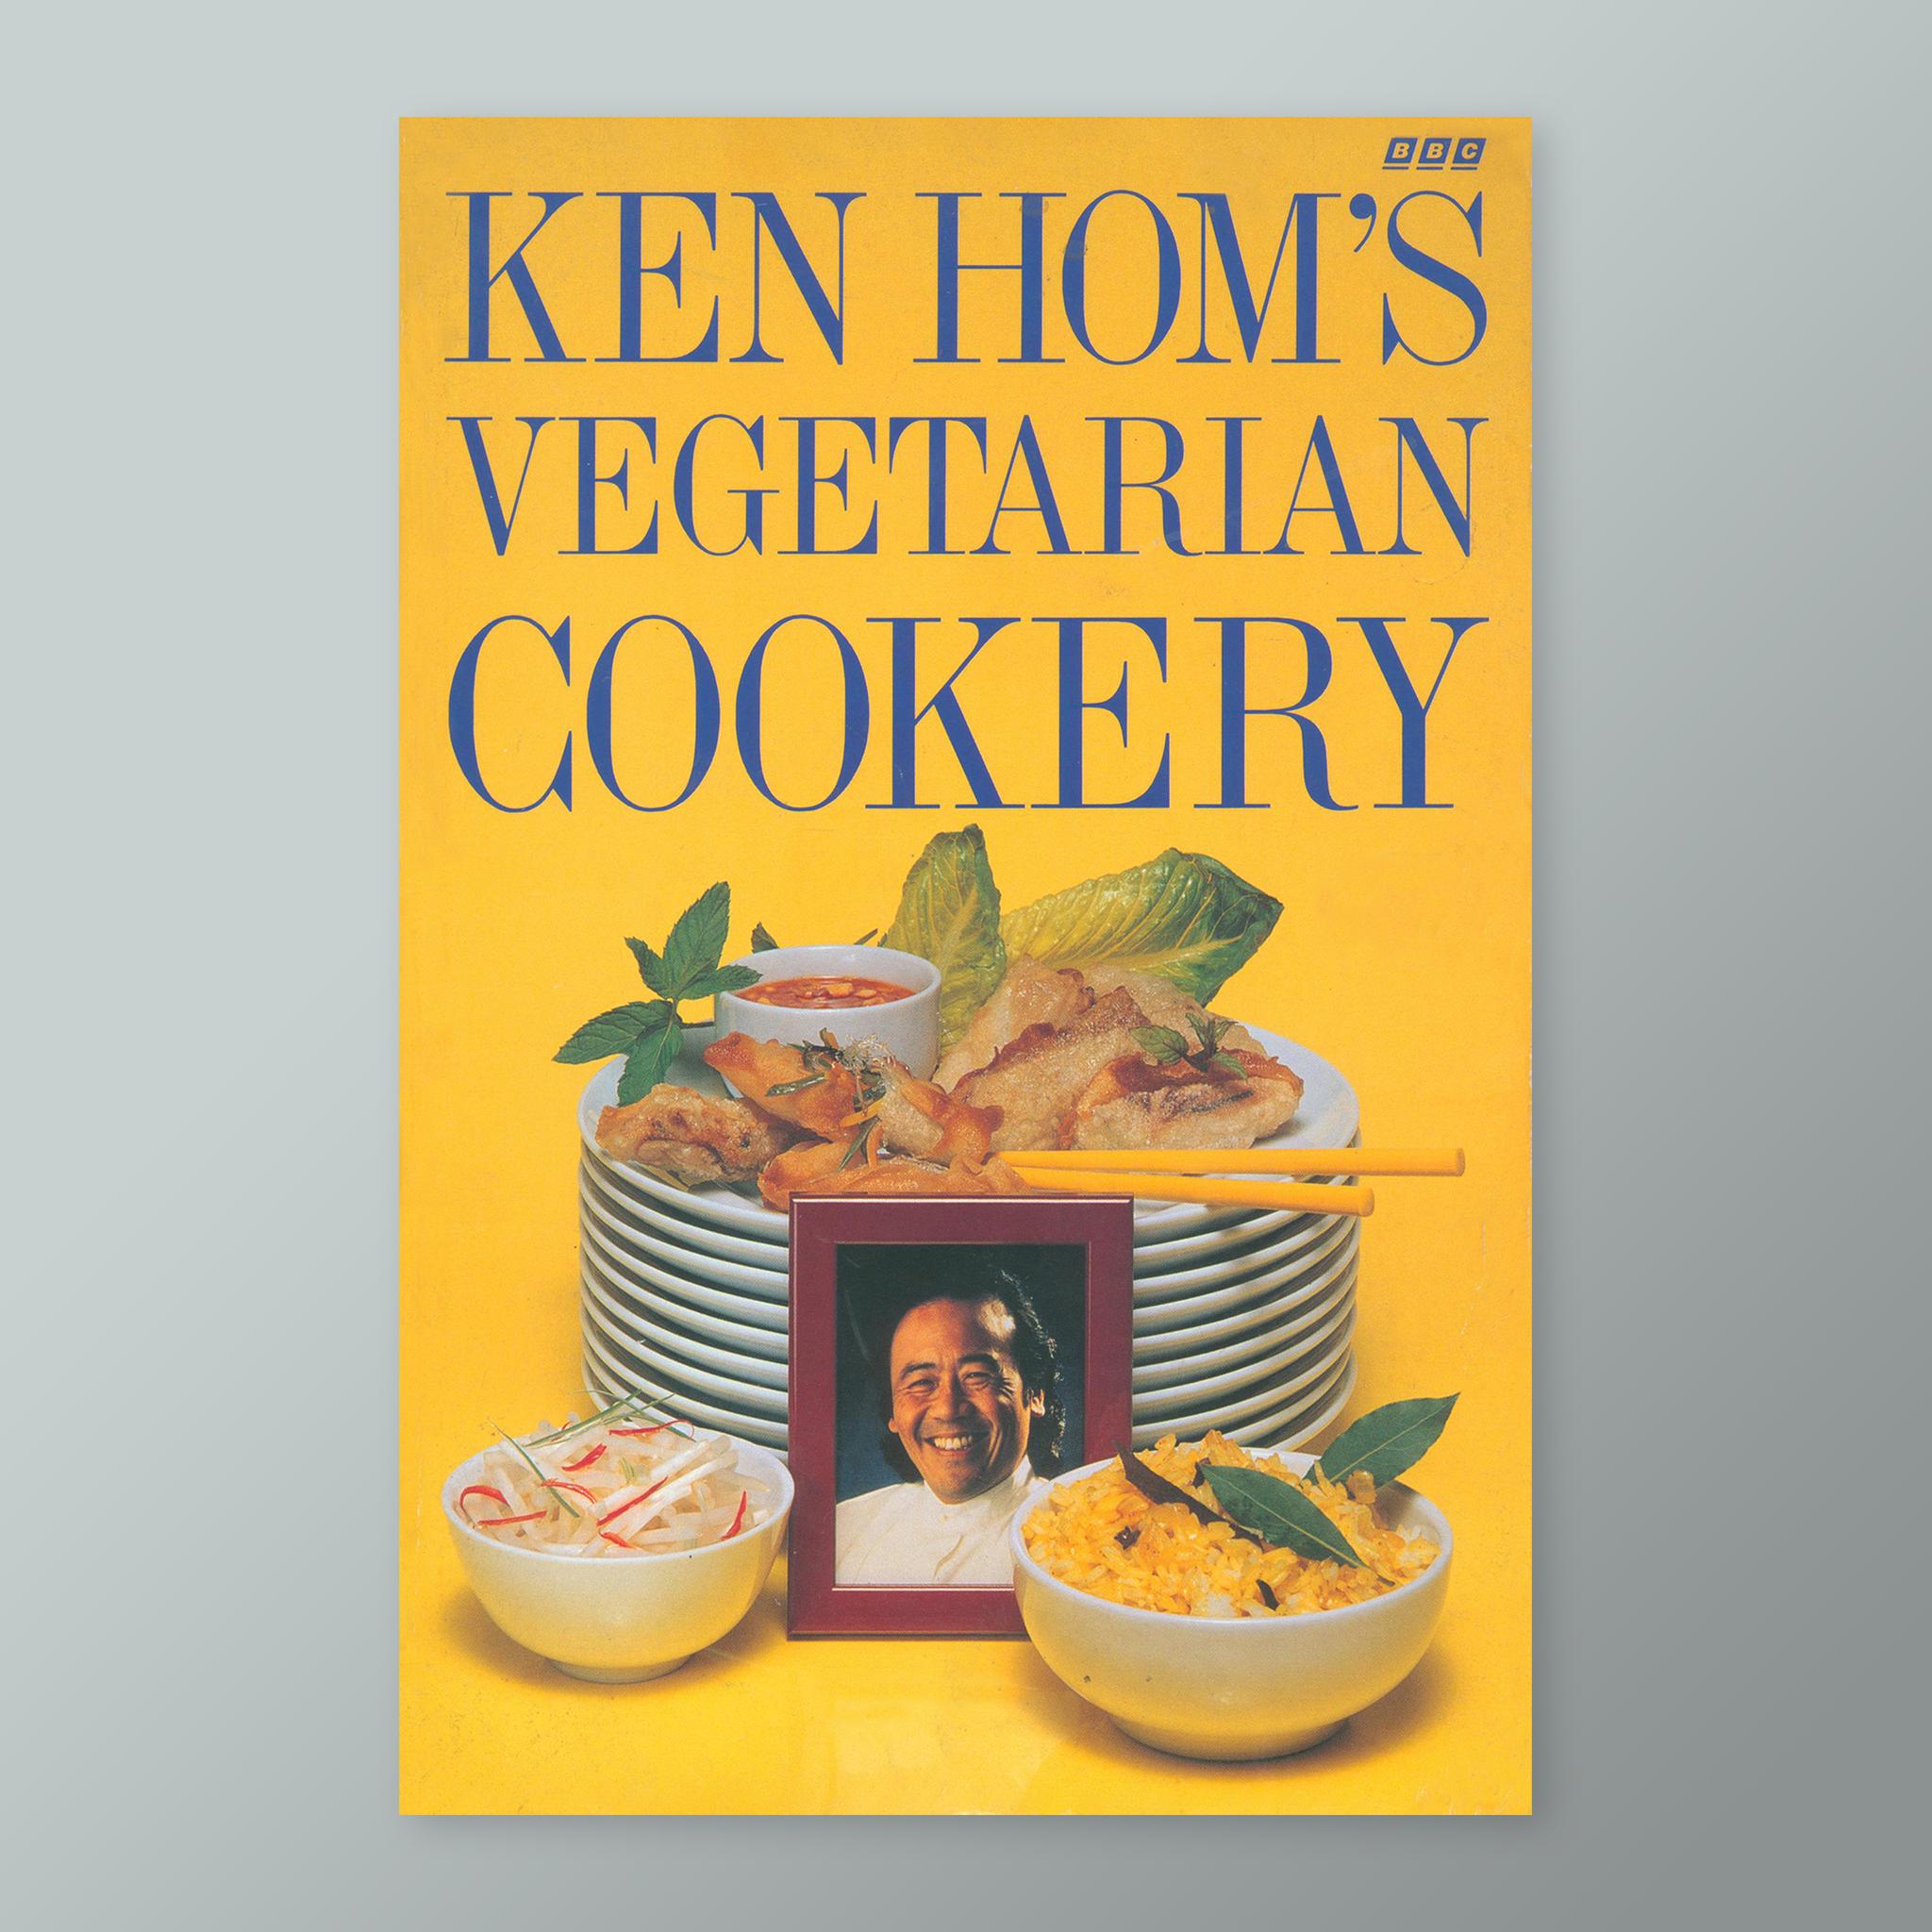 Ken Hom's Vegetarian Cookery